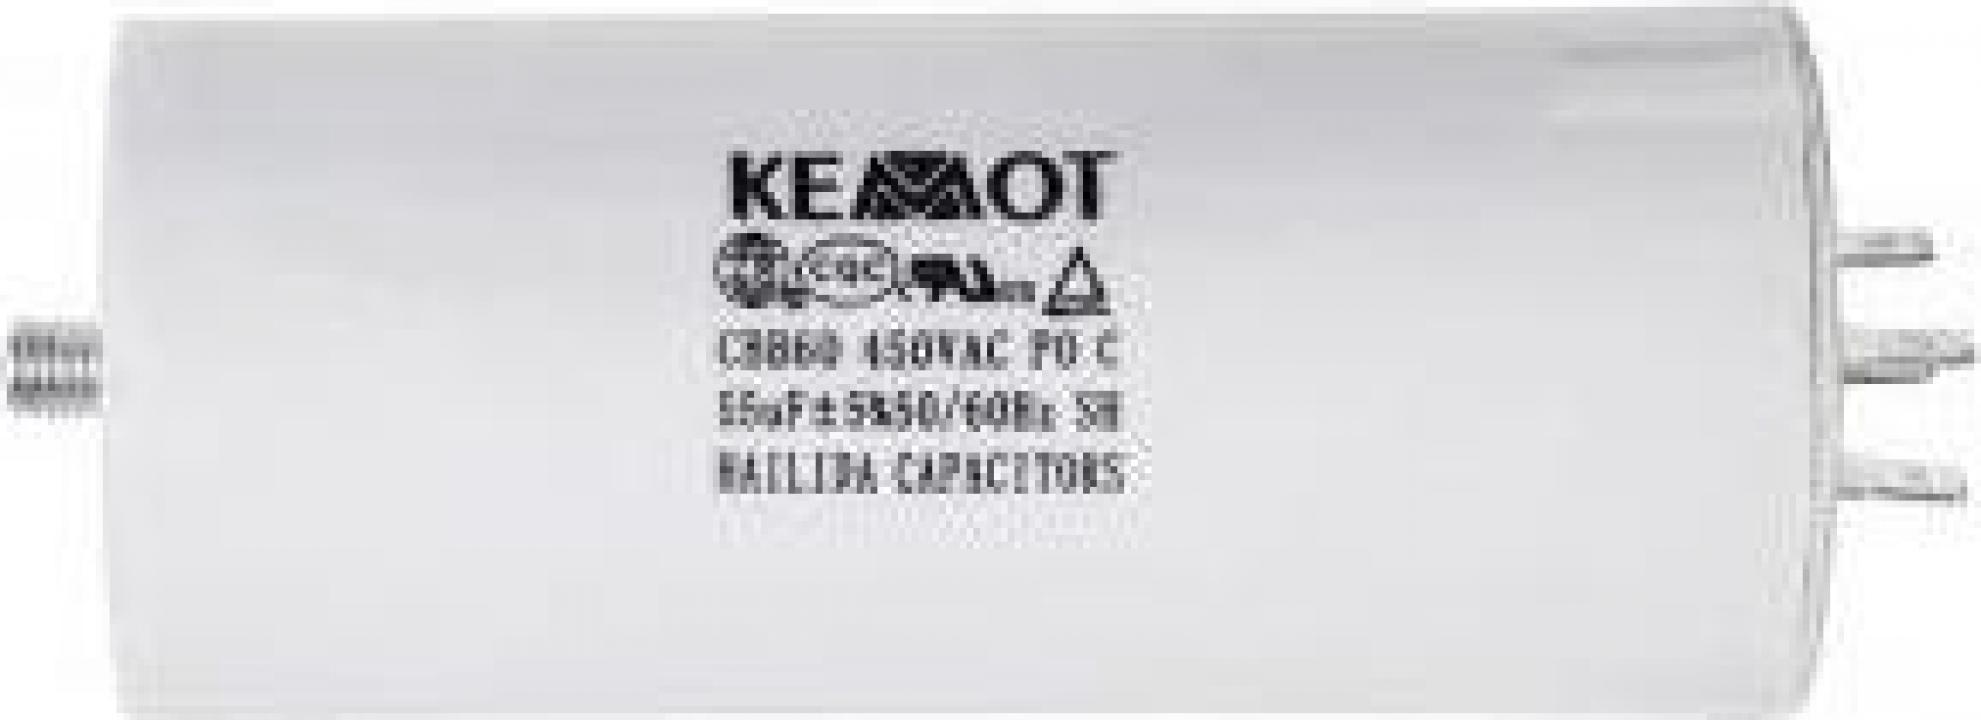 Condensator motor Kemot 100 uF, 450V, cu surub